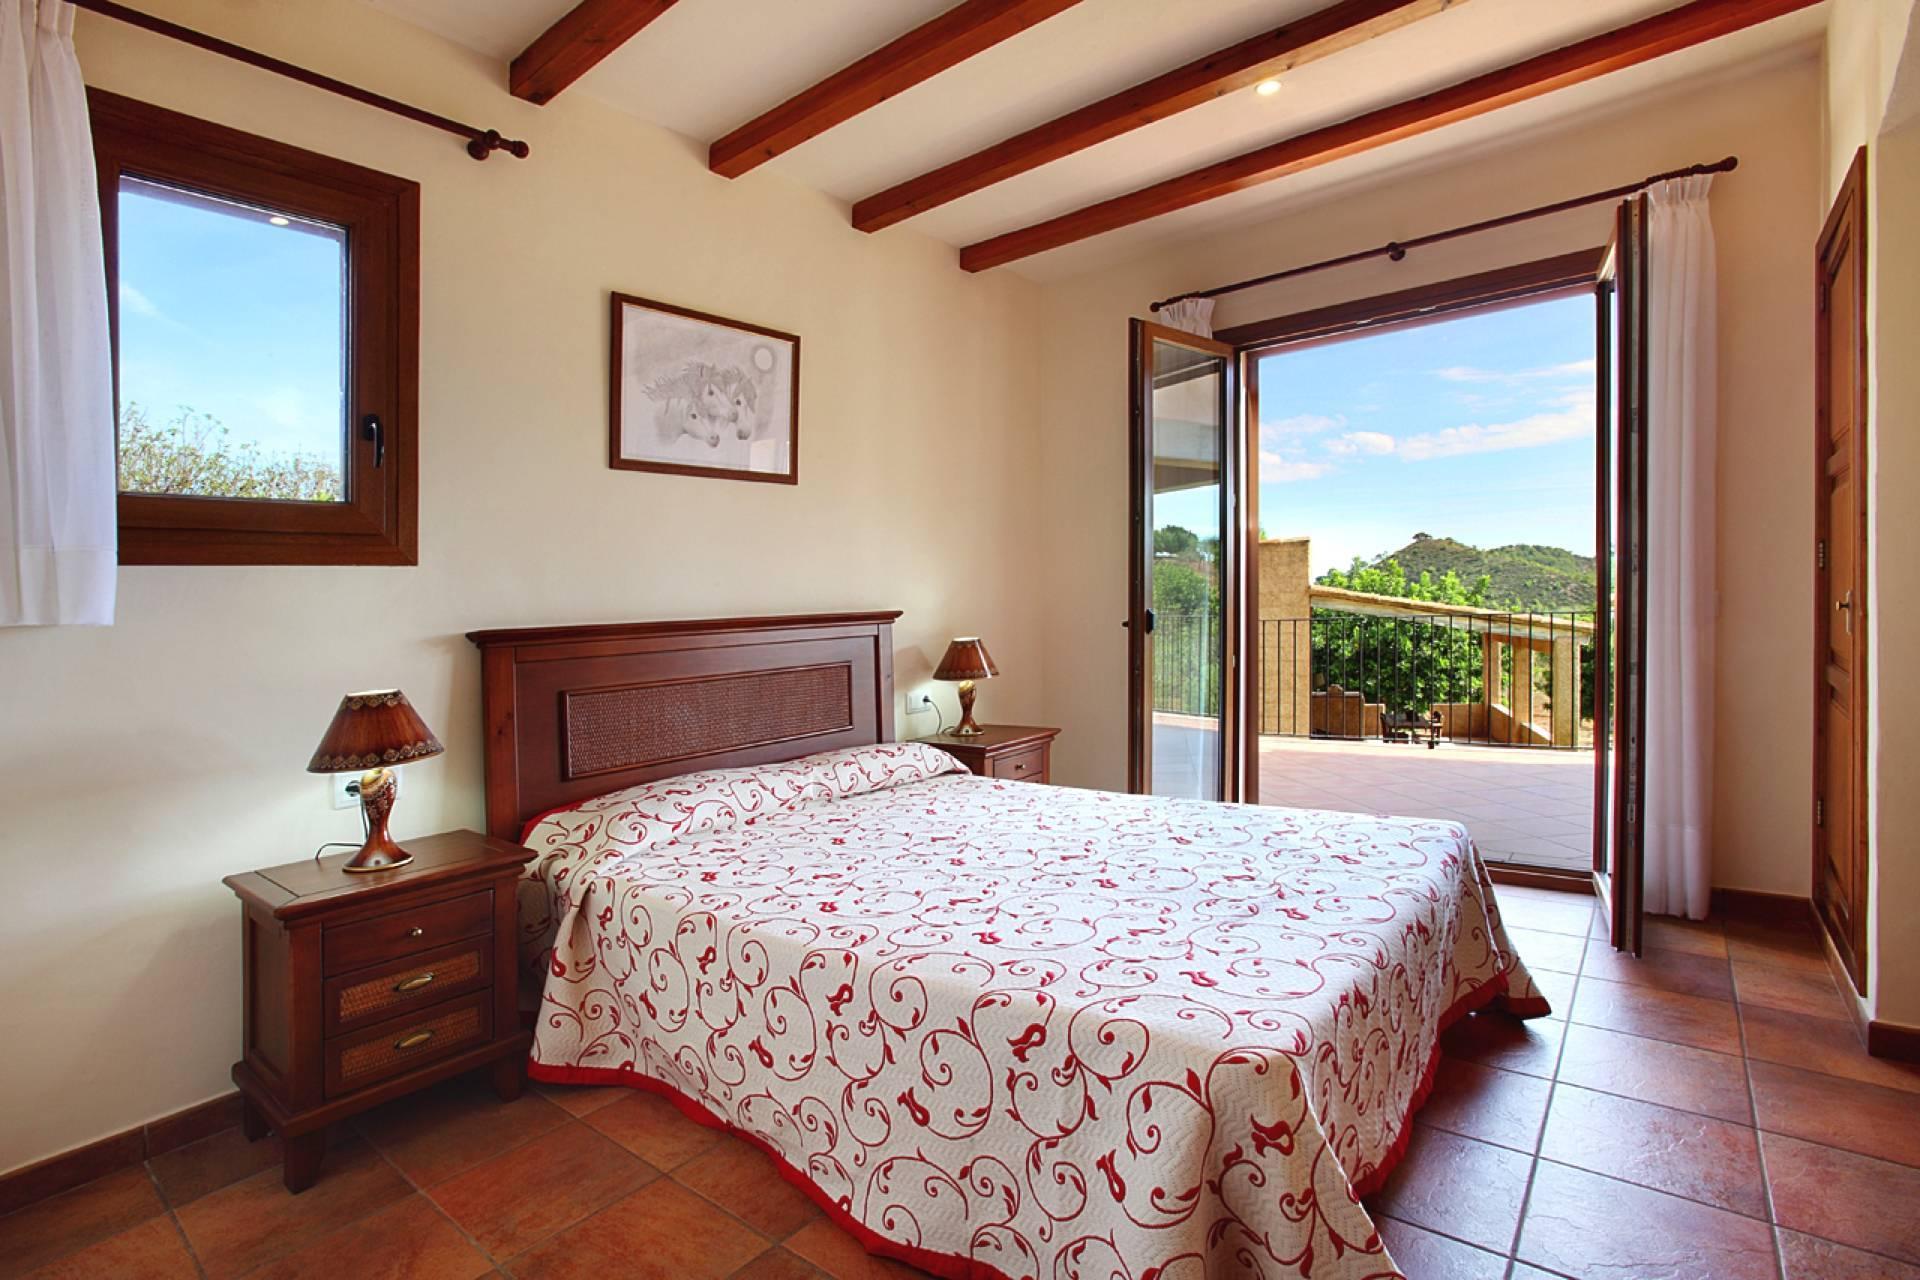 01-159 Ländliches Ferienhaus Mallorca Osten Bild 25